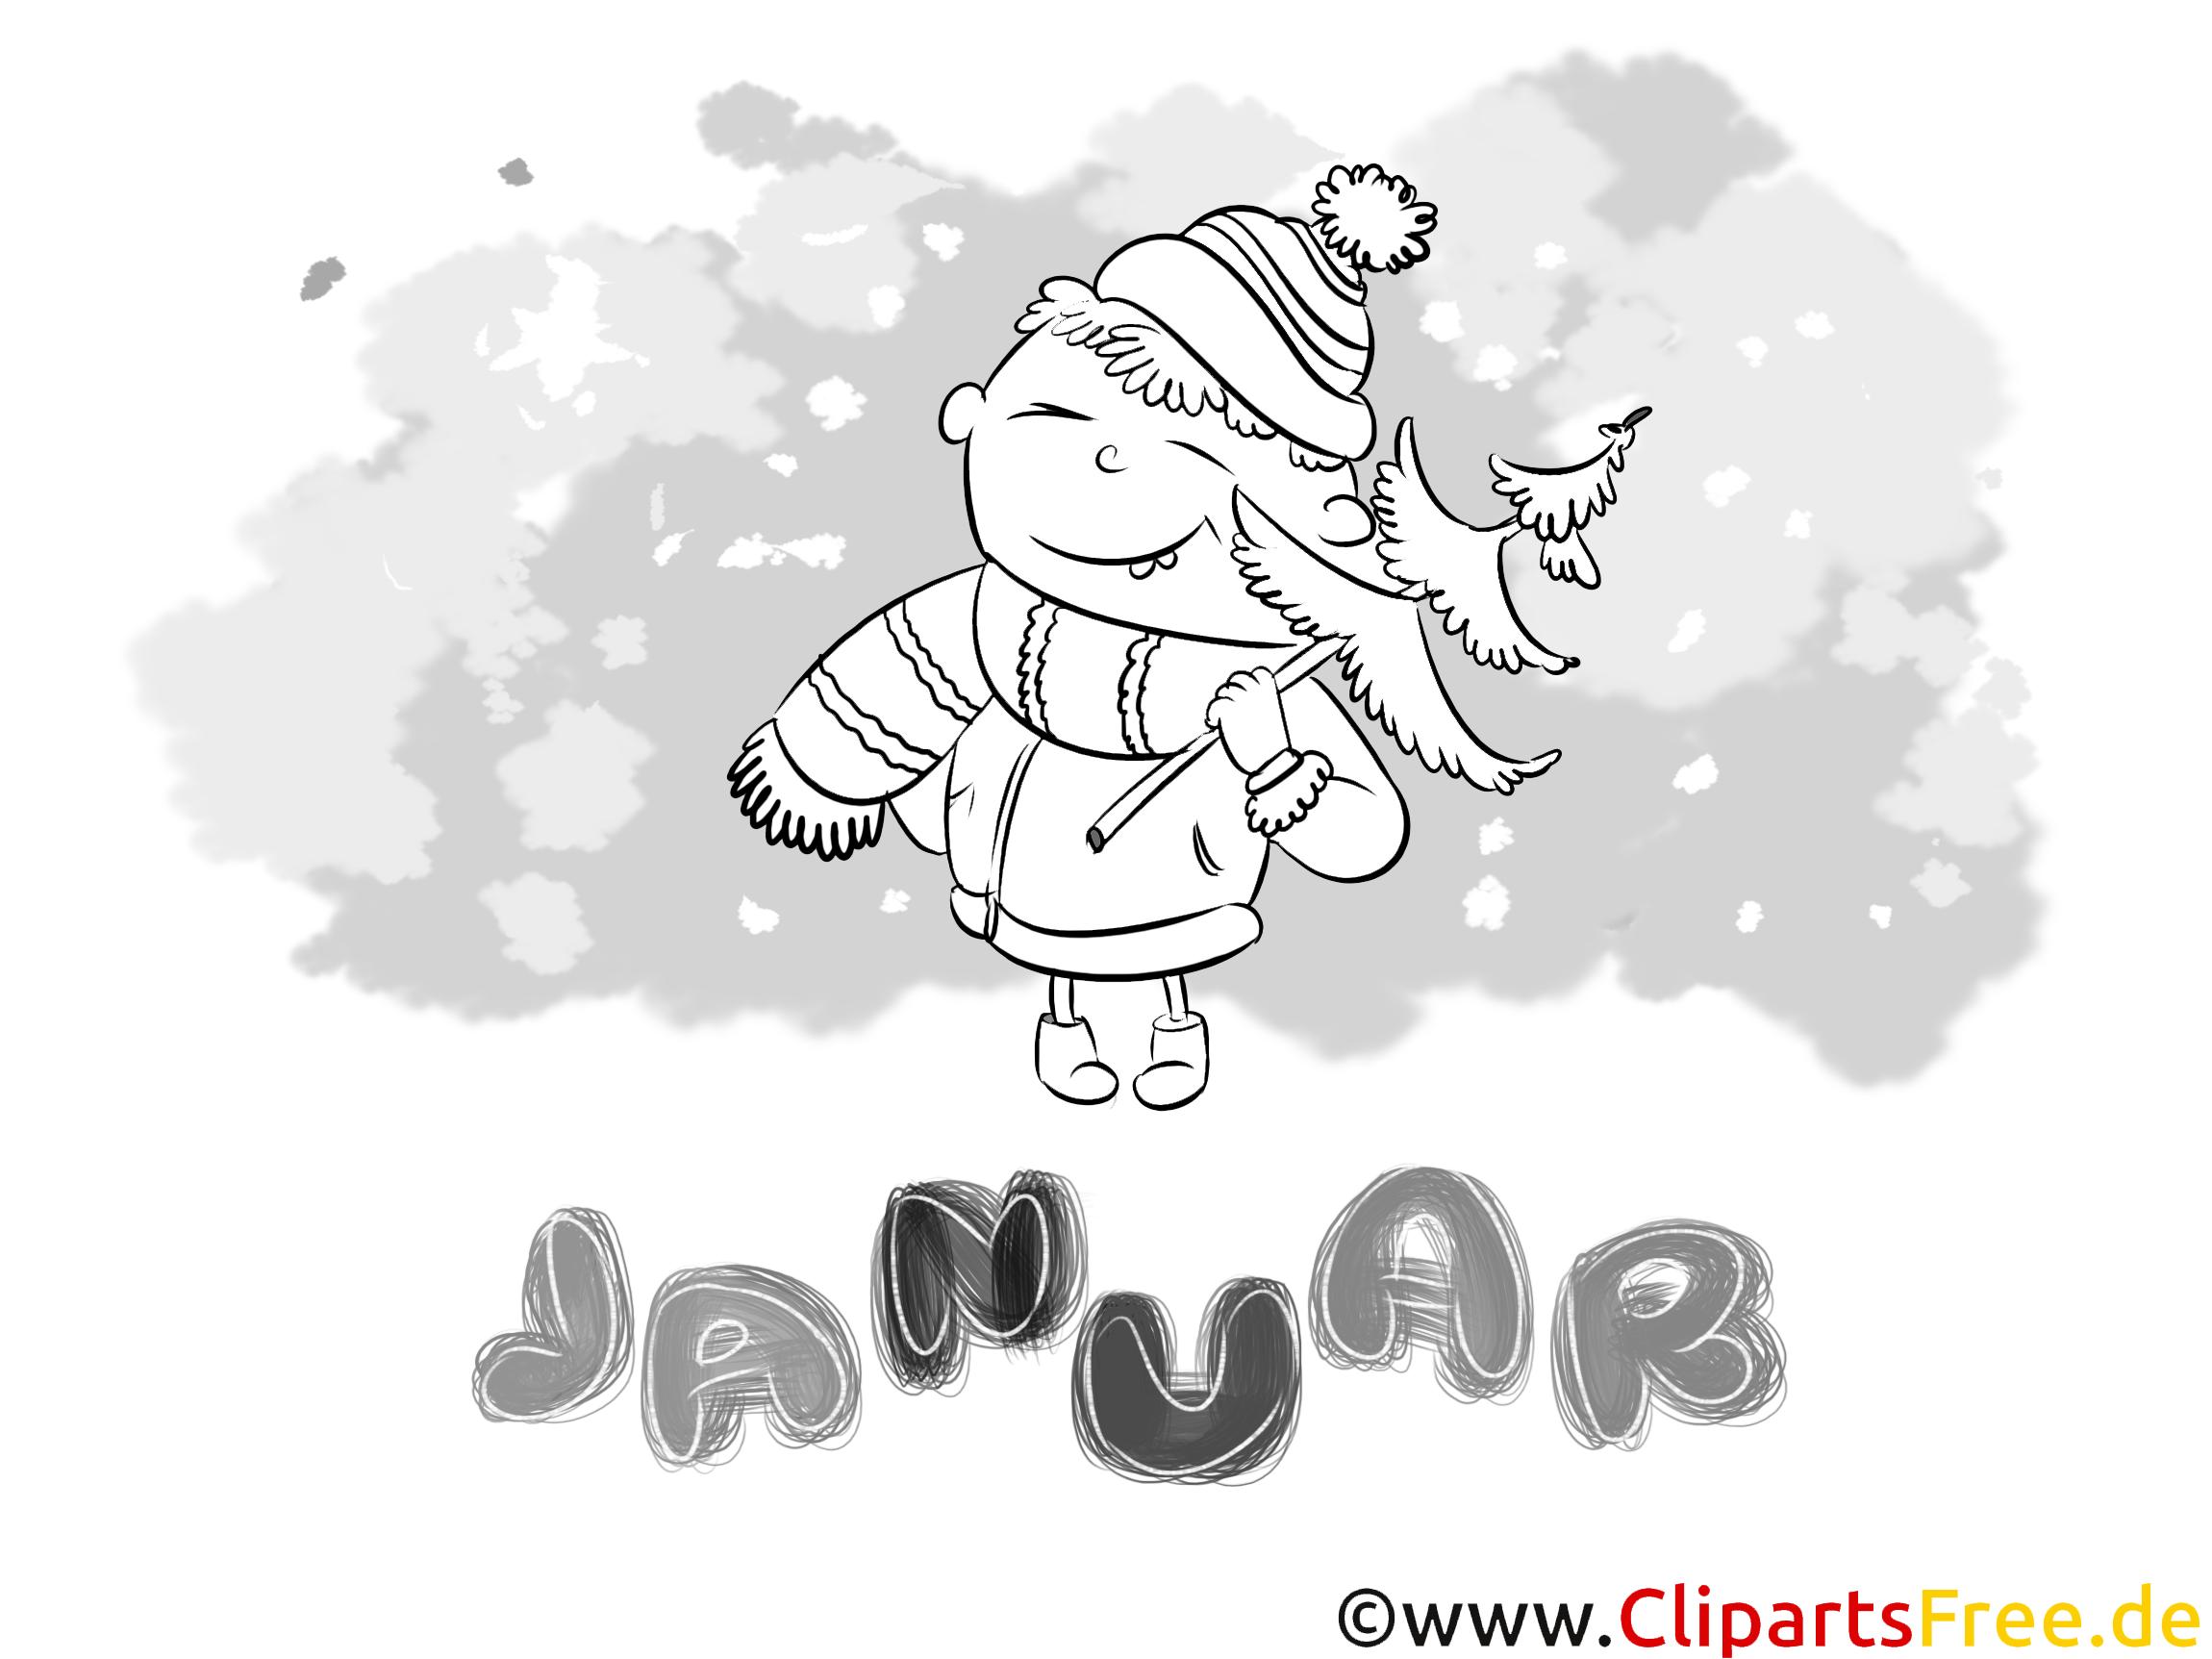 Januar Bild Schwarz Weiß Ausmalbilder Monate Jahreszeiten